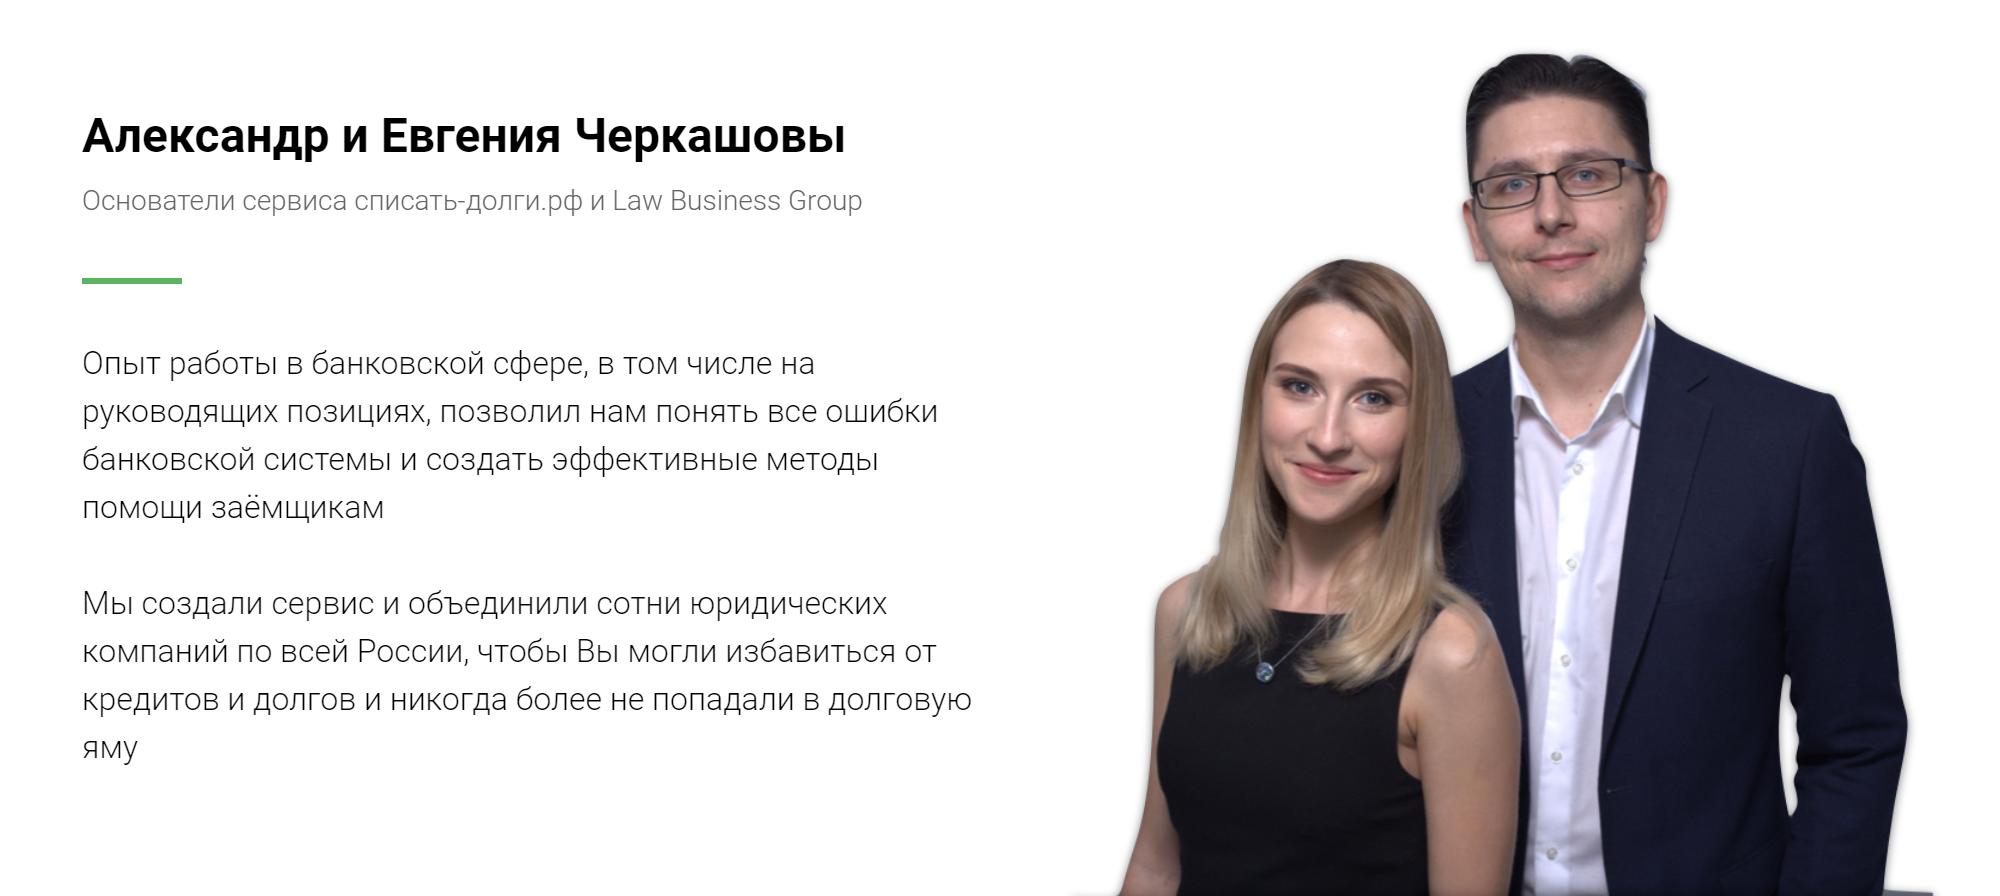 На сайте сервиса Черкашовы называют себя основателями «Списать-долги-рф» и Law Business Group. Но это даже не юридические лица, не говоря уже о международной группе компаний. Работа идет от лица ИП